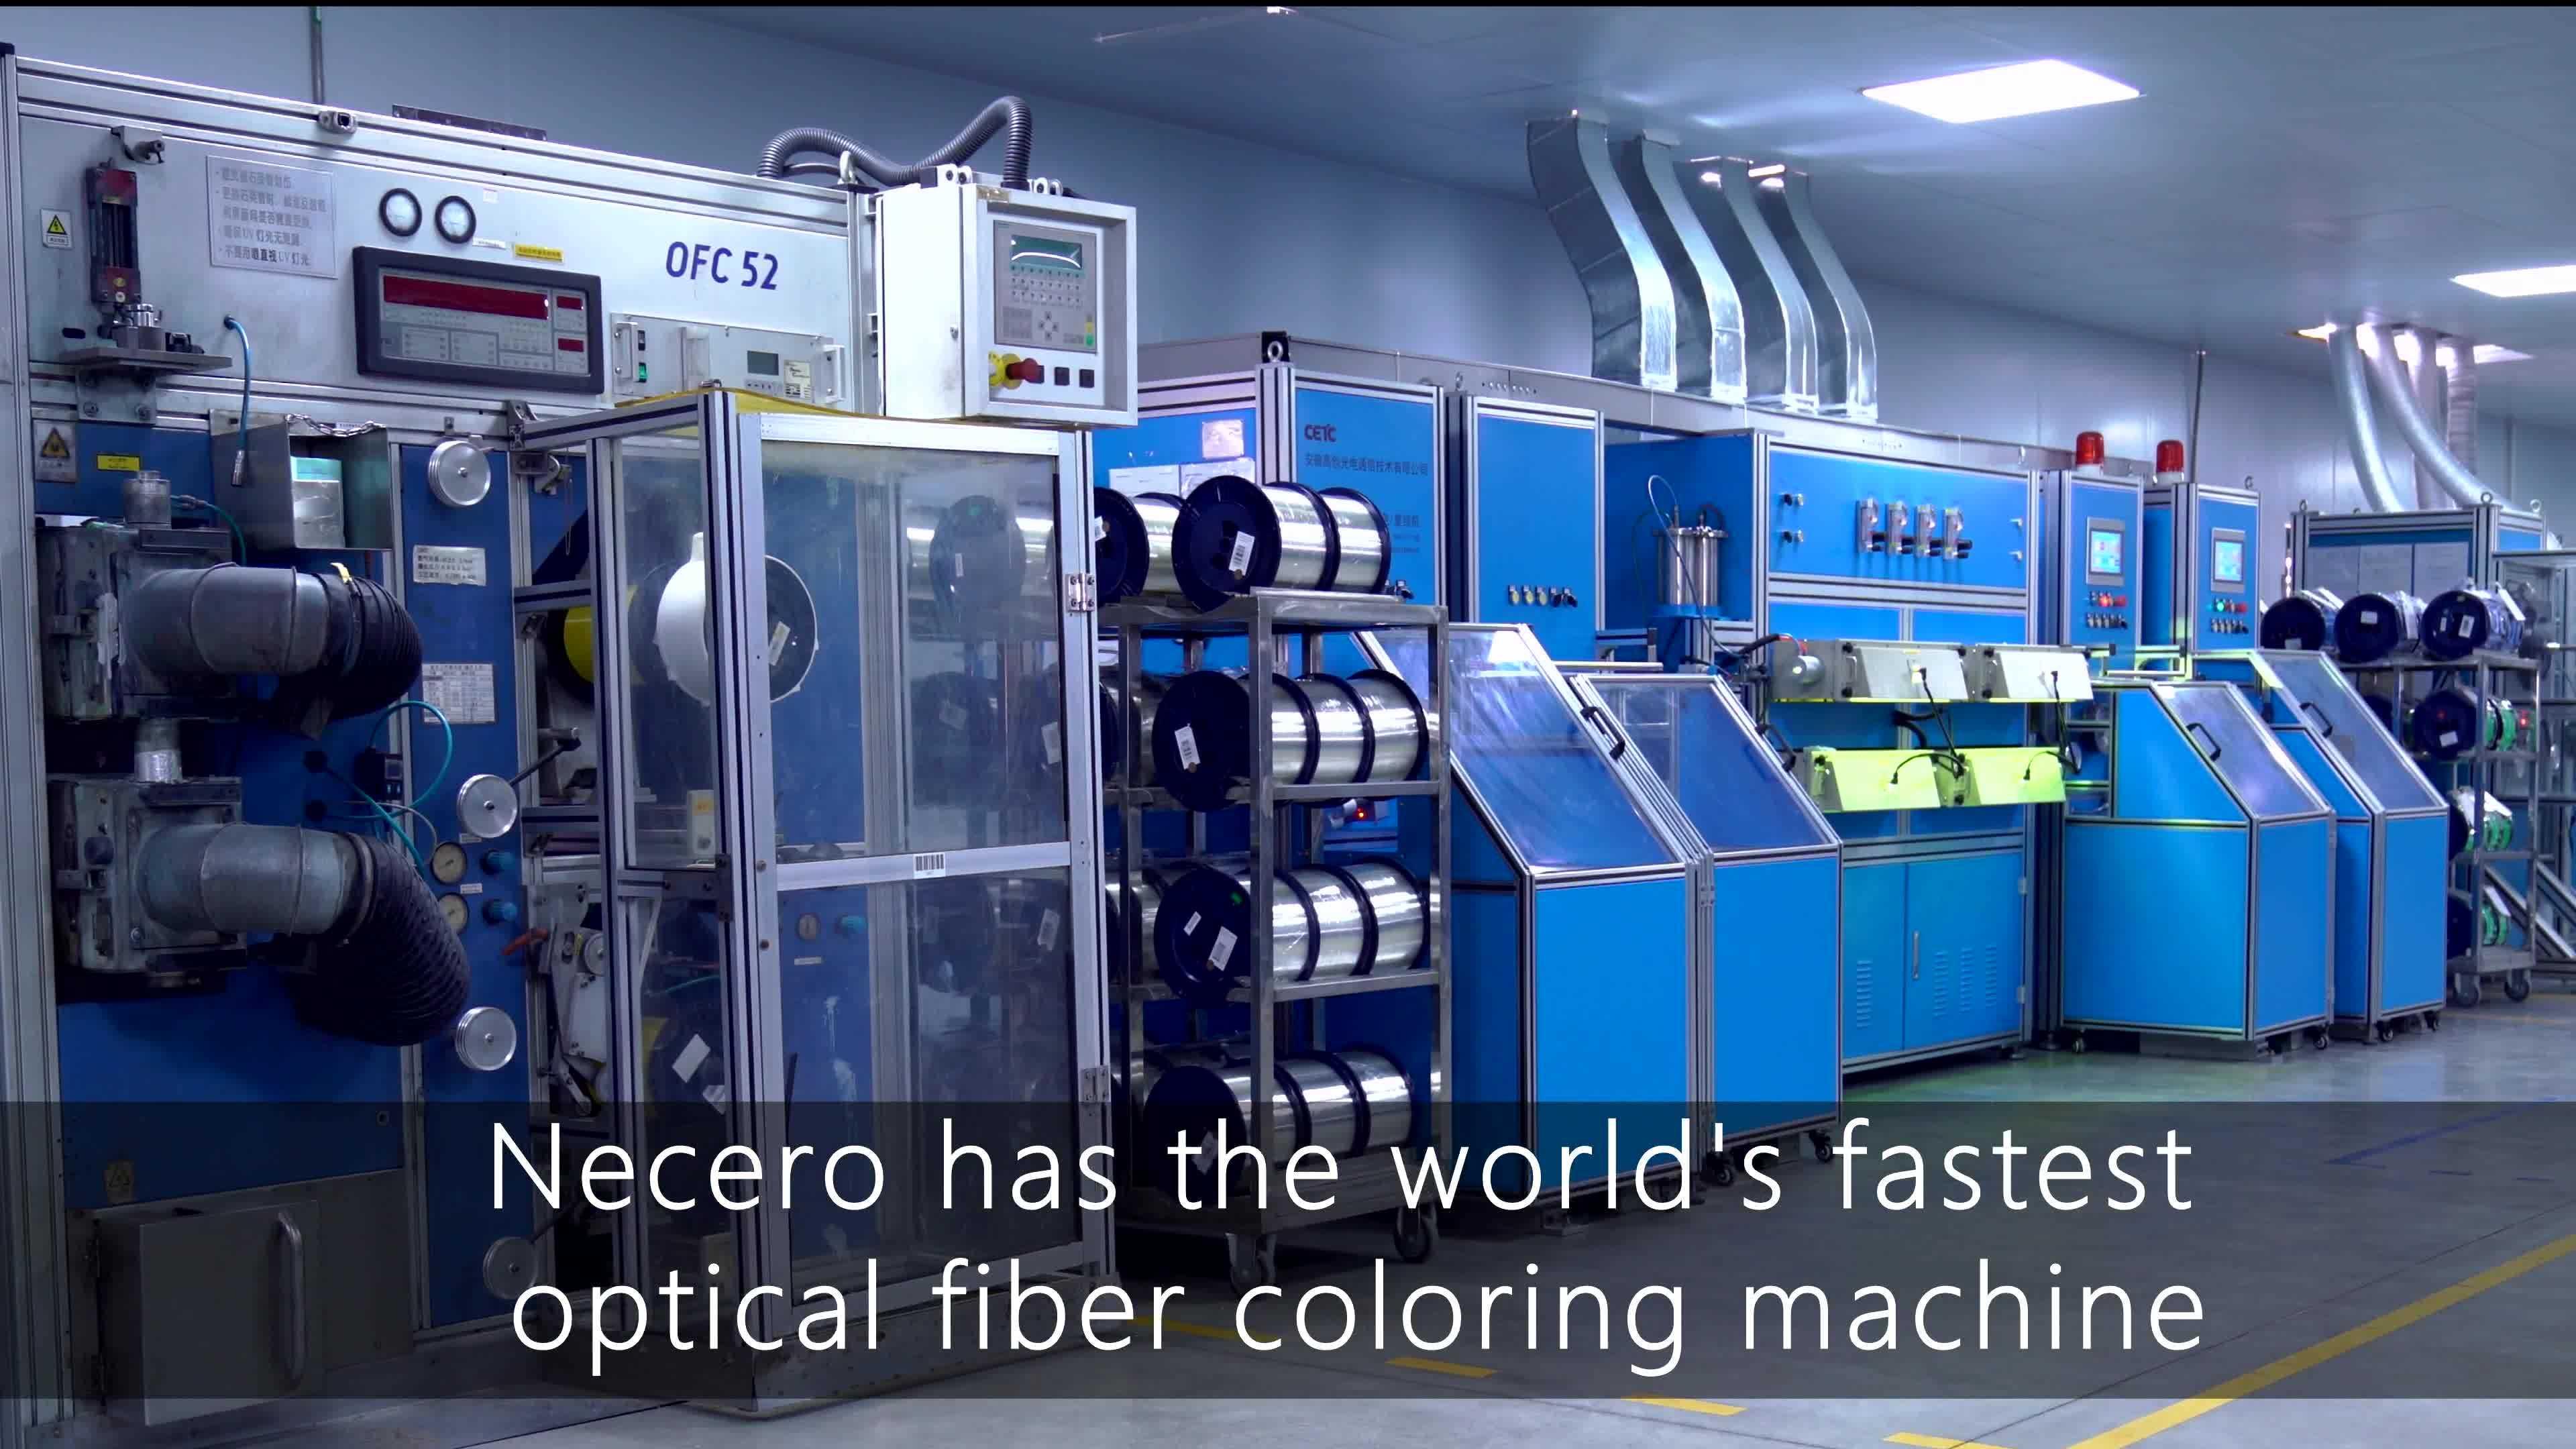 Входные и выходные с помощью команды SC или LC 1*2 мини-тип вентилятора-out разветвителя ЧПУ с ЗУ G657A1 типа волокна 1310/1550 нм с 900um волокон белого цвета